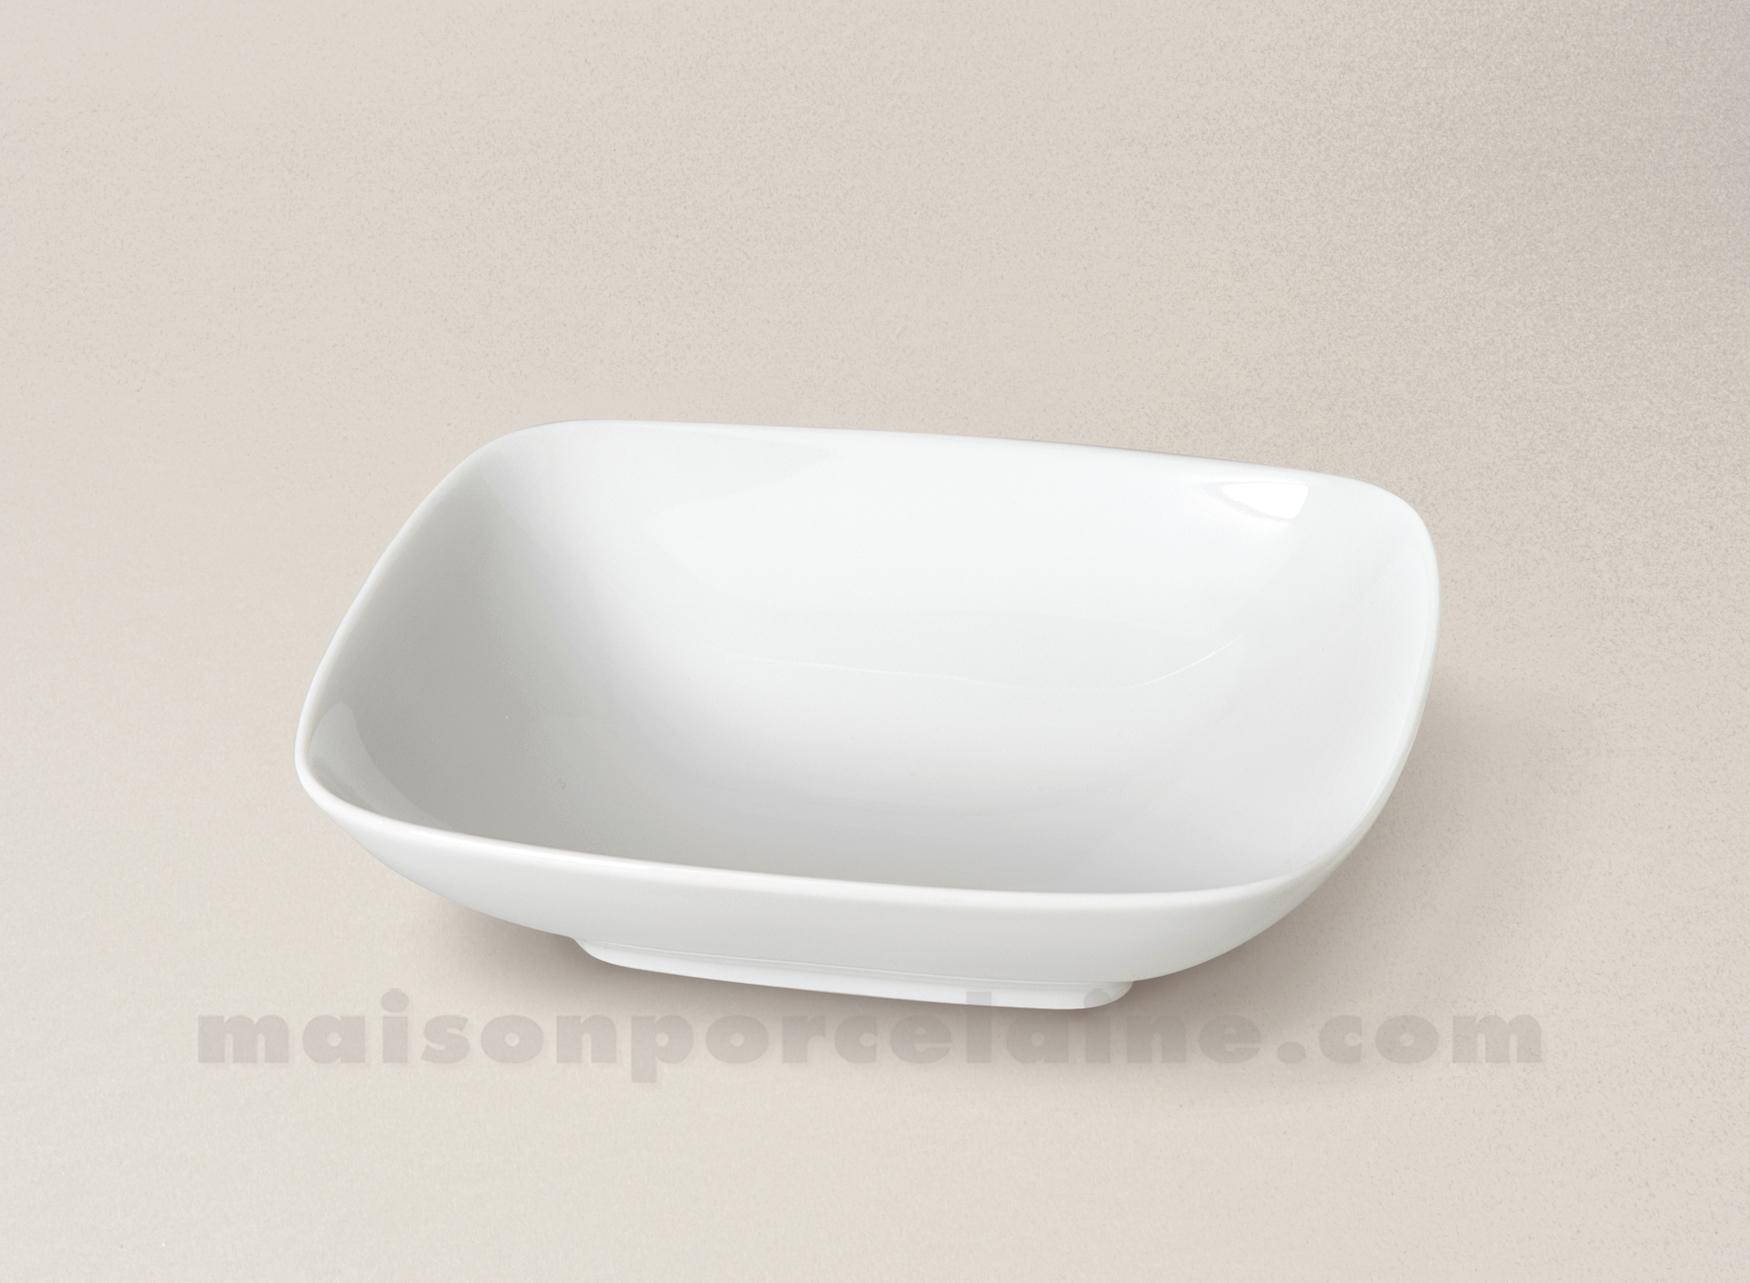 assiette rectangulaire creuse porcelaine blanche atlas 18x16 maison de la porcelaine. Black Bedroom Furniture Sets. Home Design Ideas